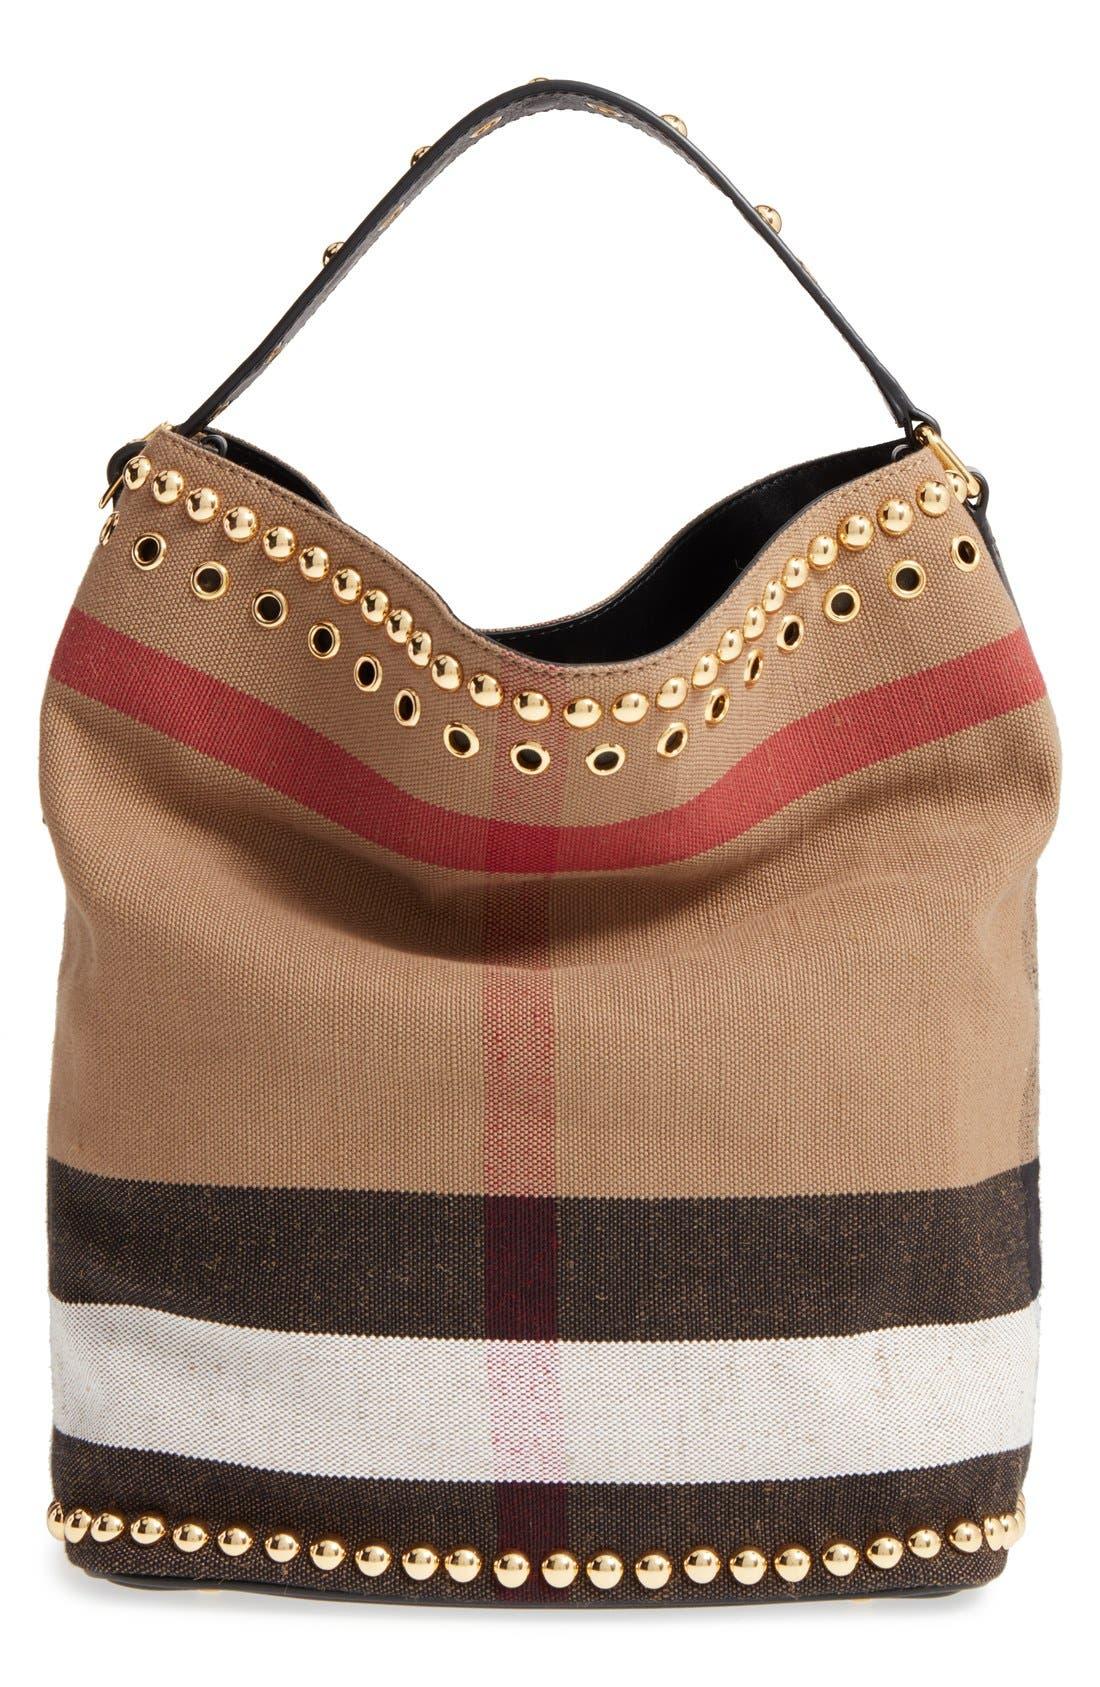 Main Image - Burberry Medium Ashby Studded Canvas Bucket Bag